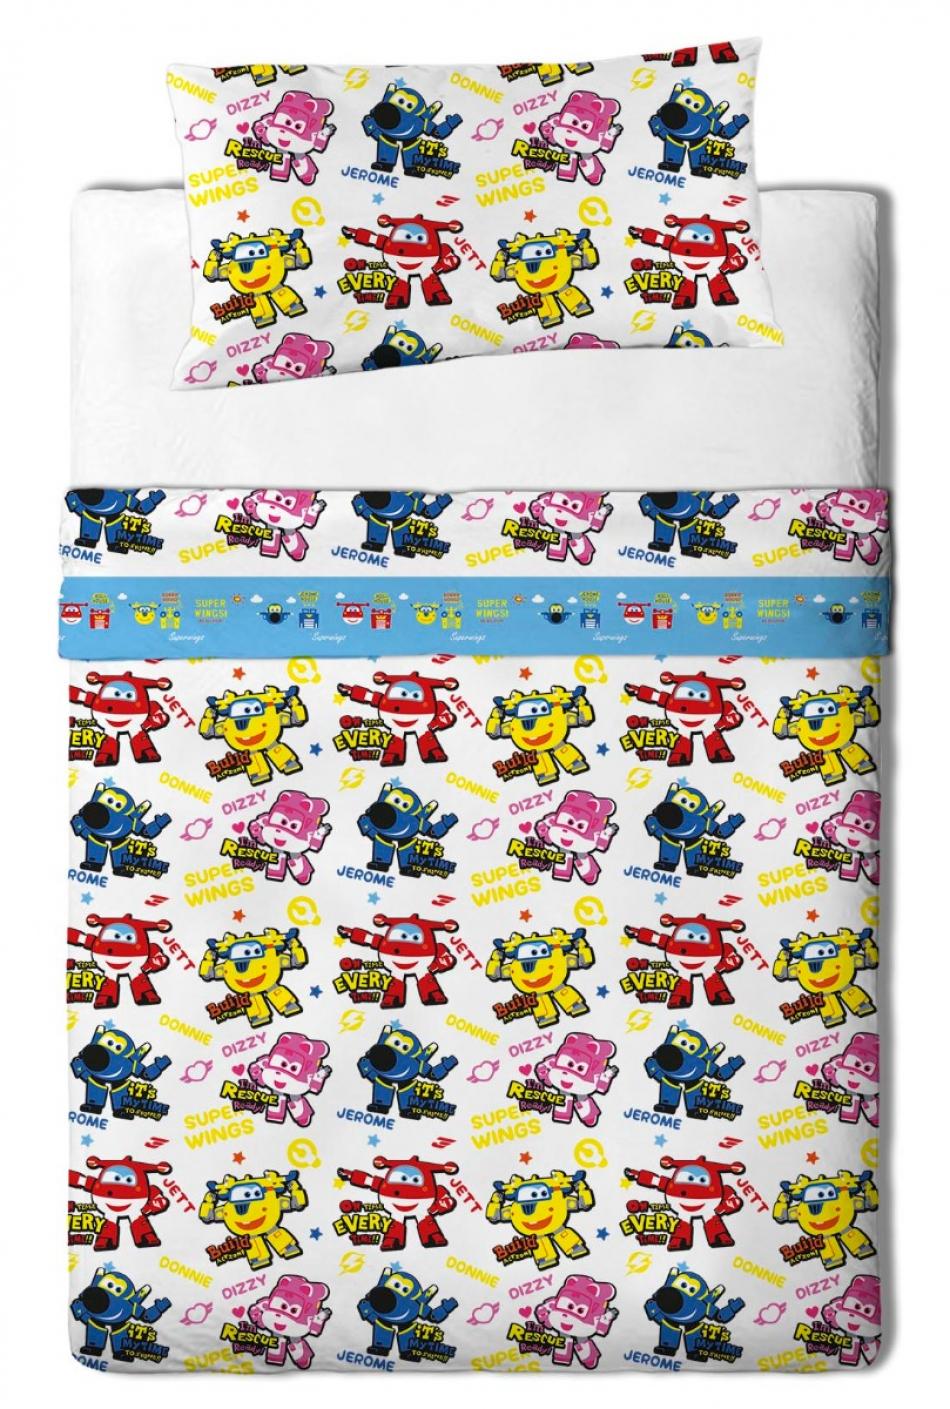 Juego de sábanas para cama de 105 cm con 3 piezas Super Wings